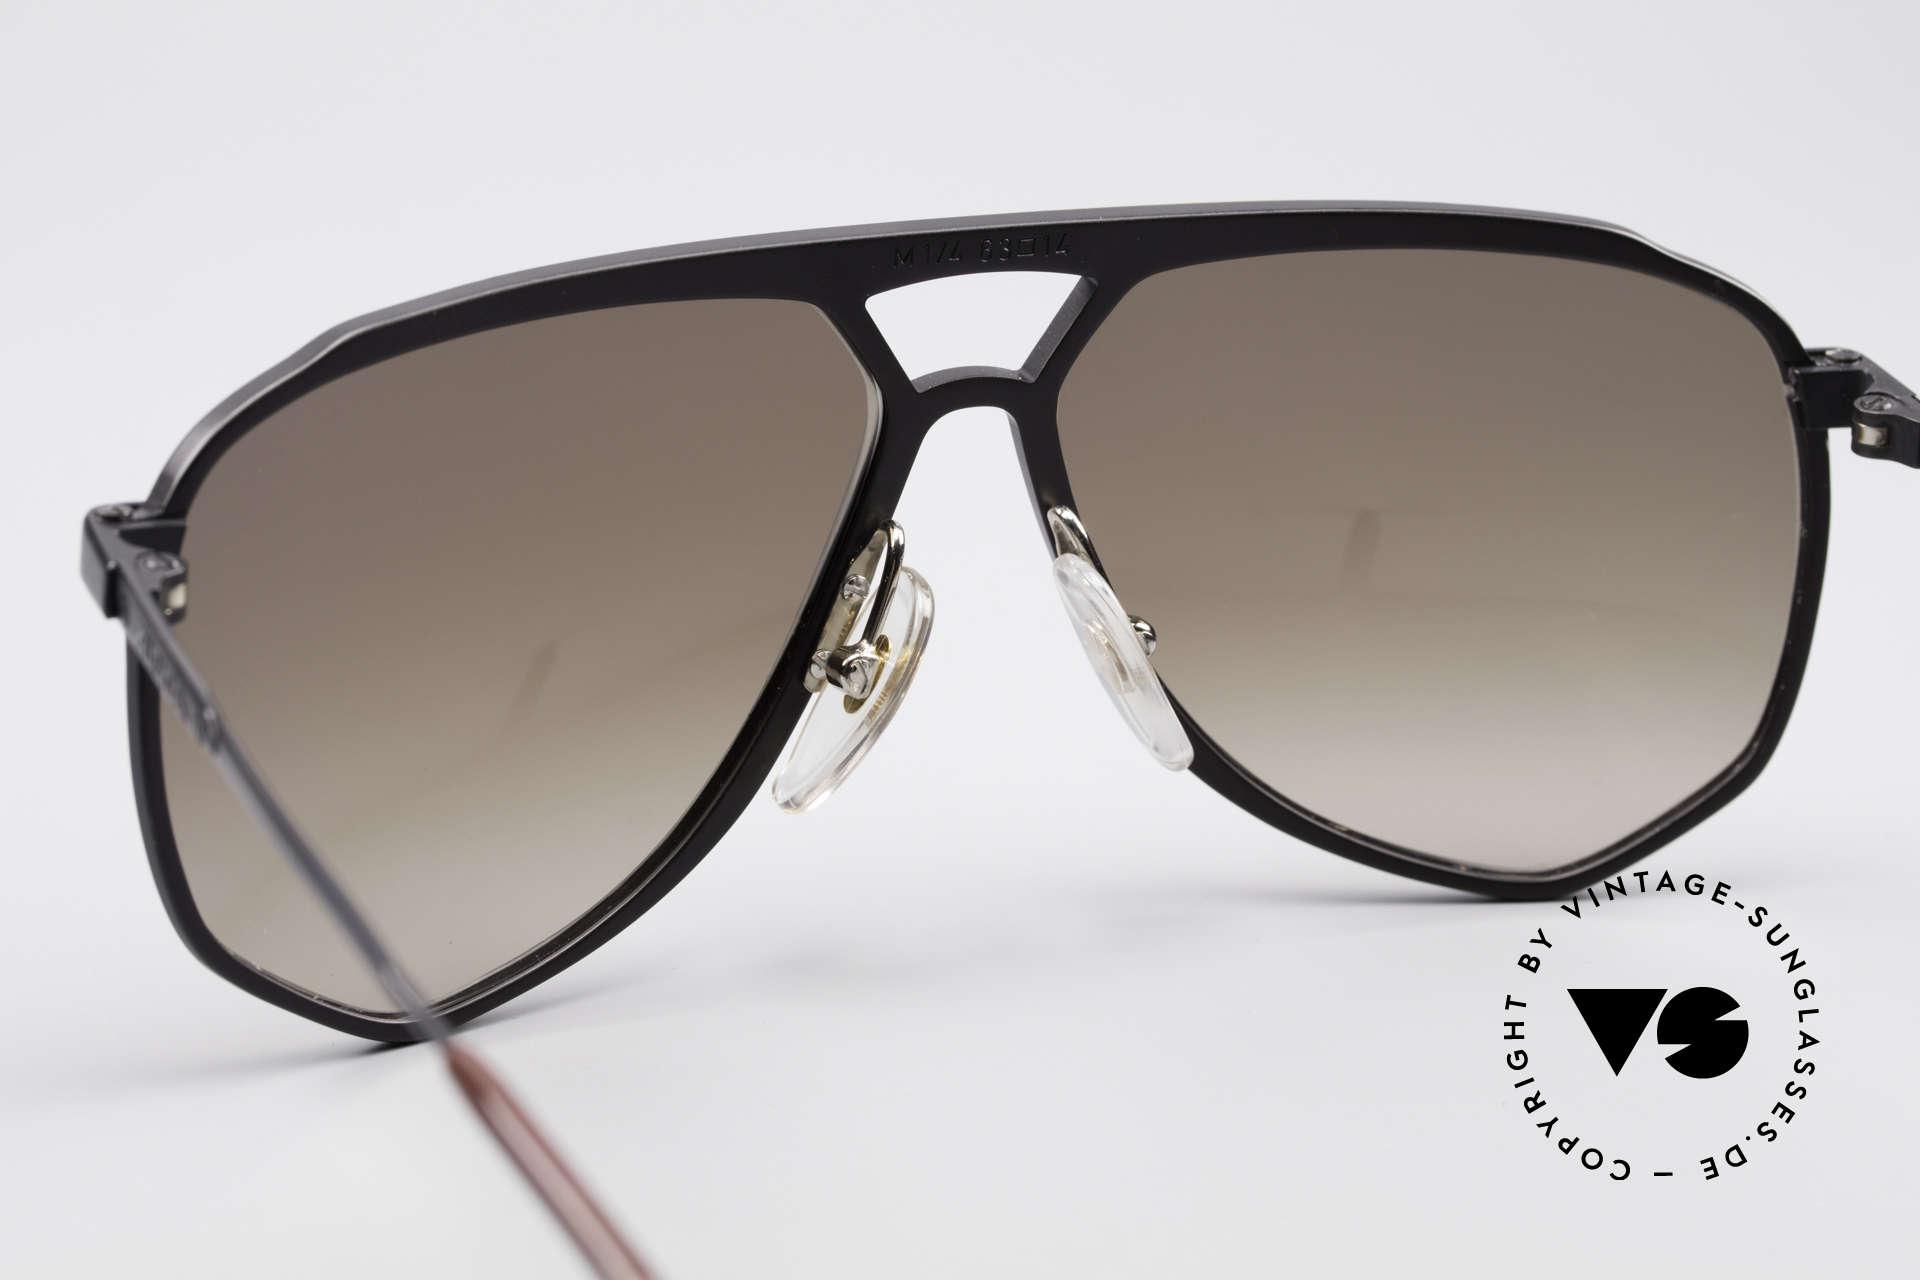 Alpina M1/4 Rare Vintage Sonnenbrille, die Fassung kann ggf. auch optisch verglast werden, Passend für Herren